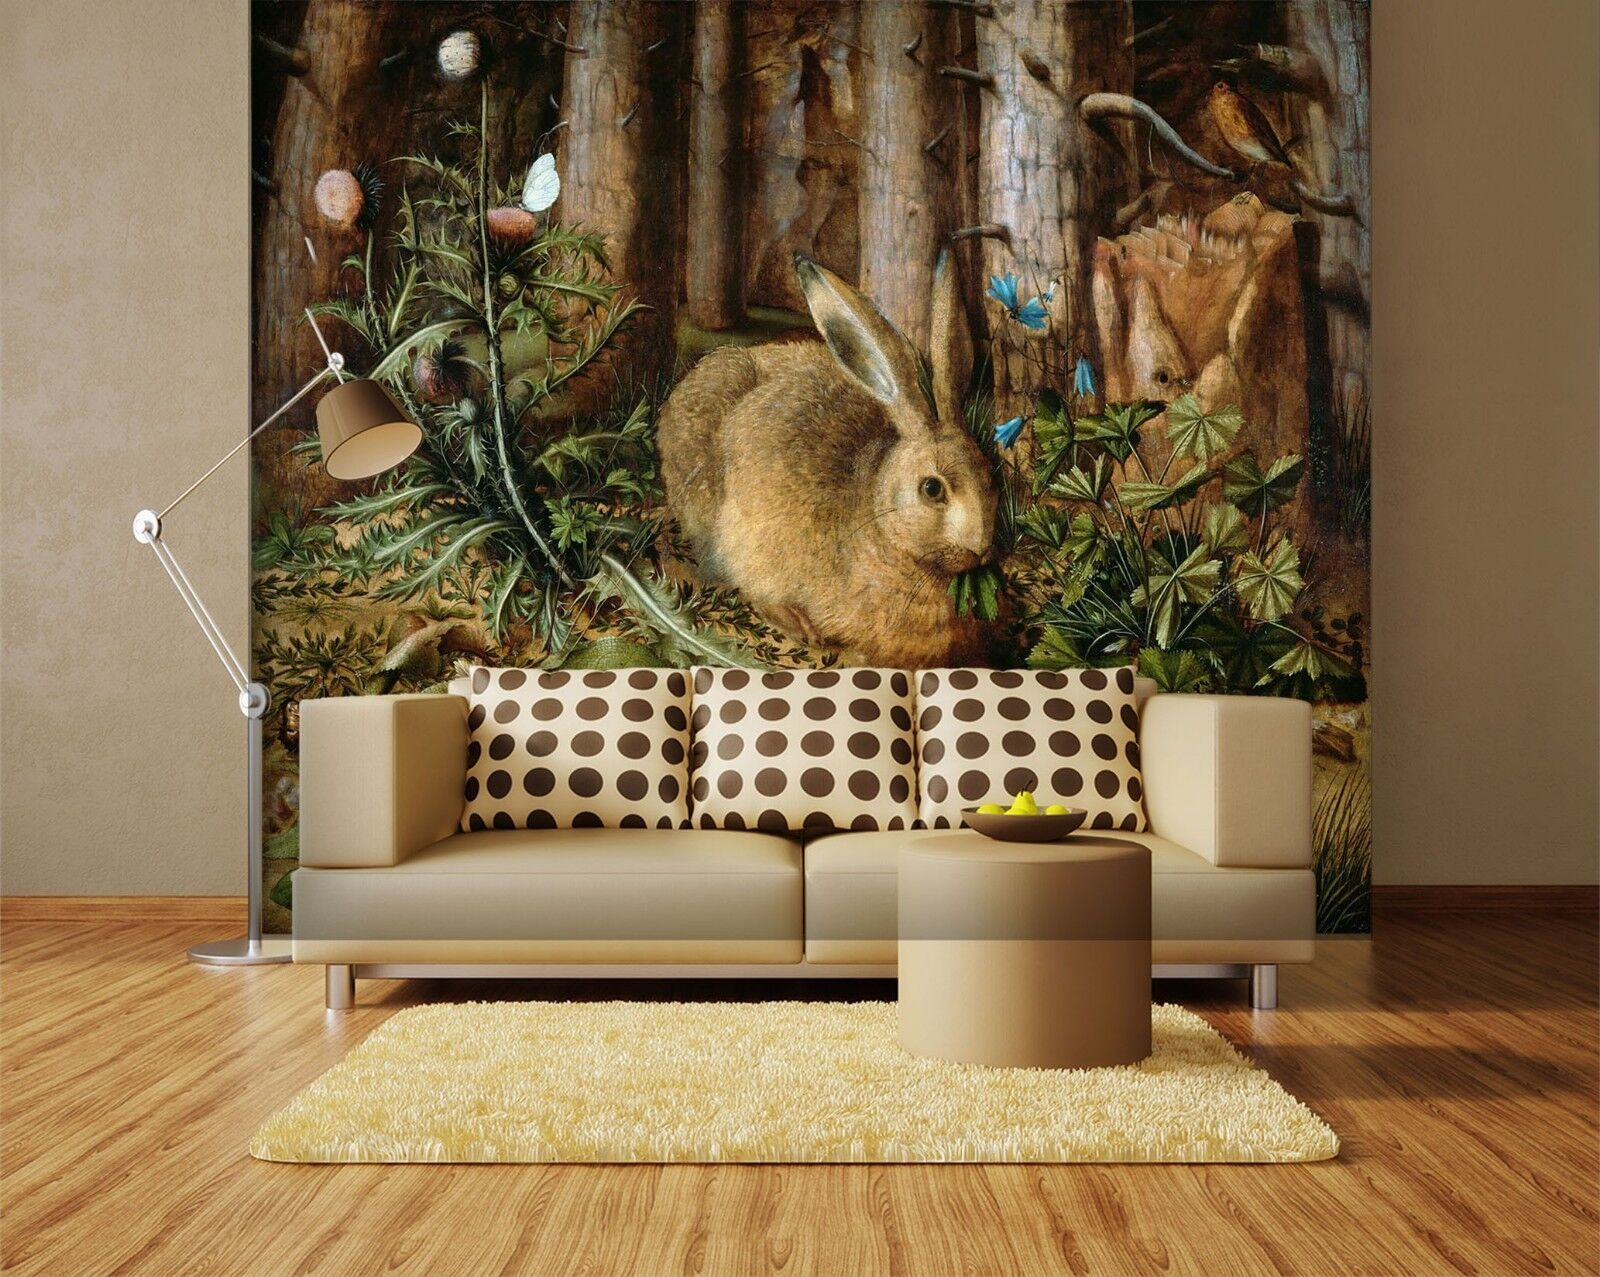 3D Rabbit Forest 7363 Wallpaper Mural Wall Print Wall Wallpaper Murals US Lemon